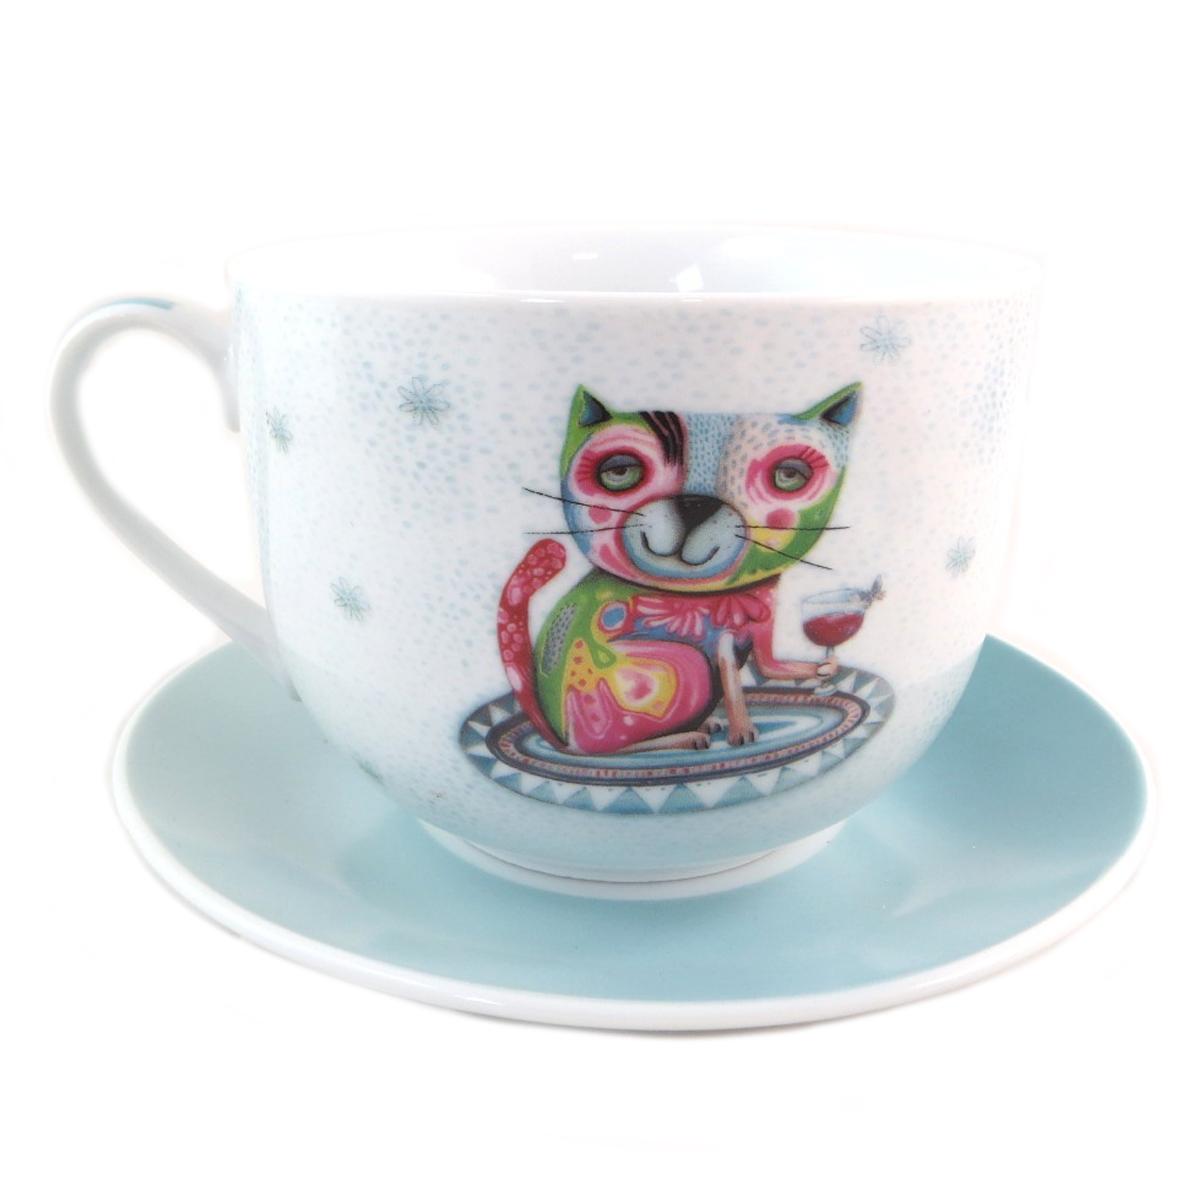 Tasse déjeuner porcelaine \'Allen Designs\' bleu multicolore (chat)  - [P9908]